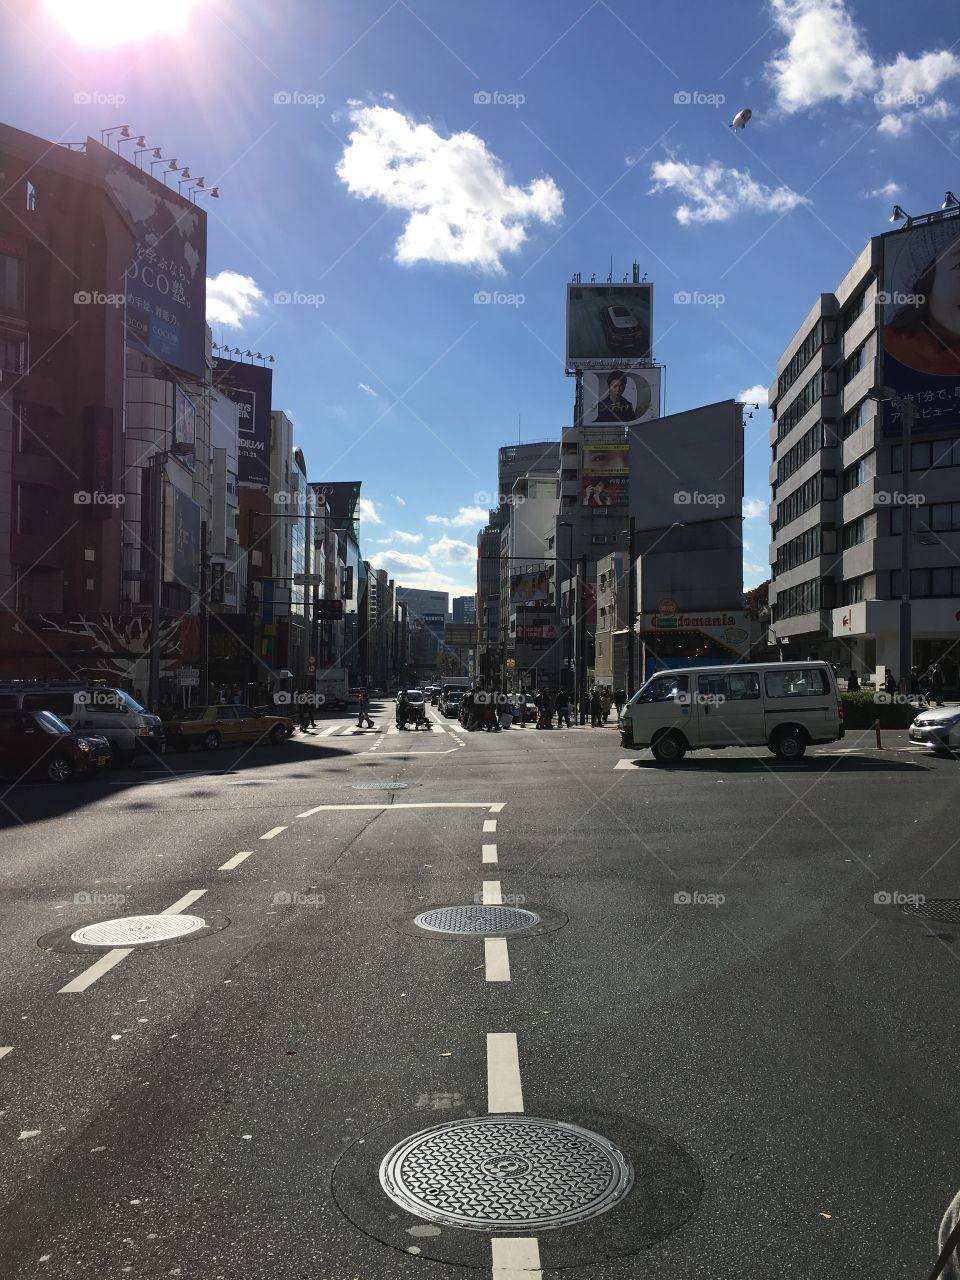 Street view of Tokyo, Japan